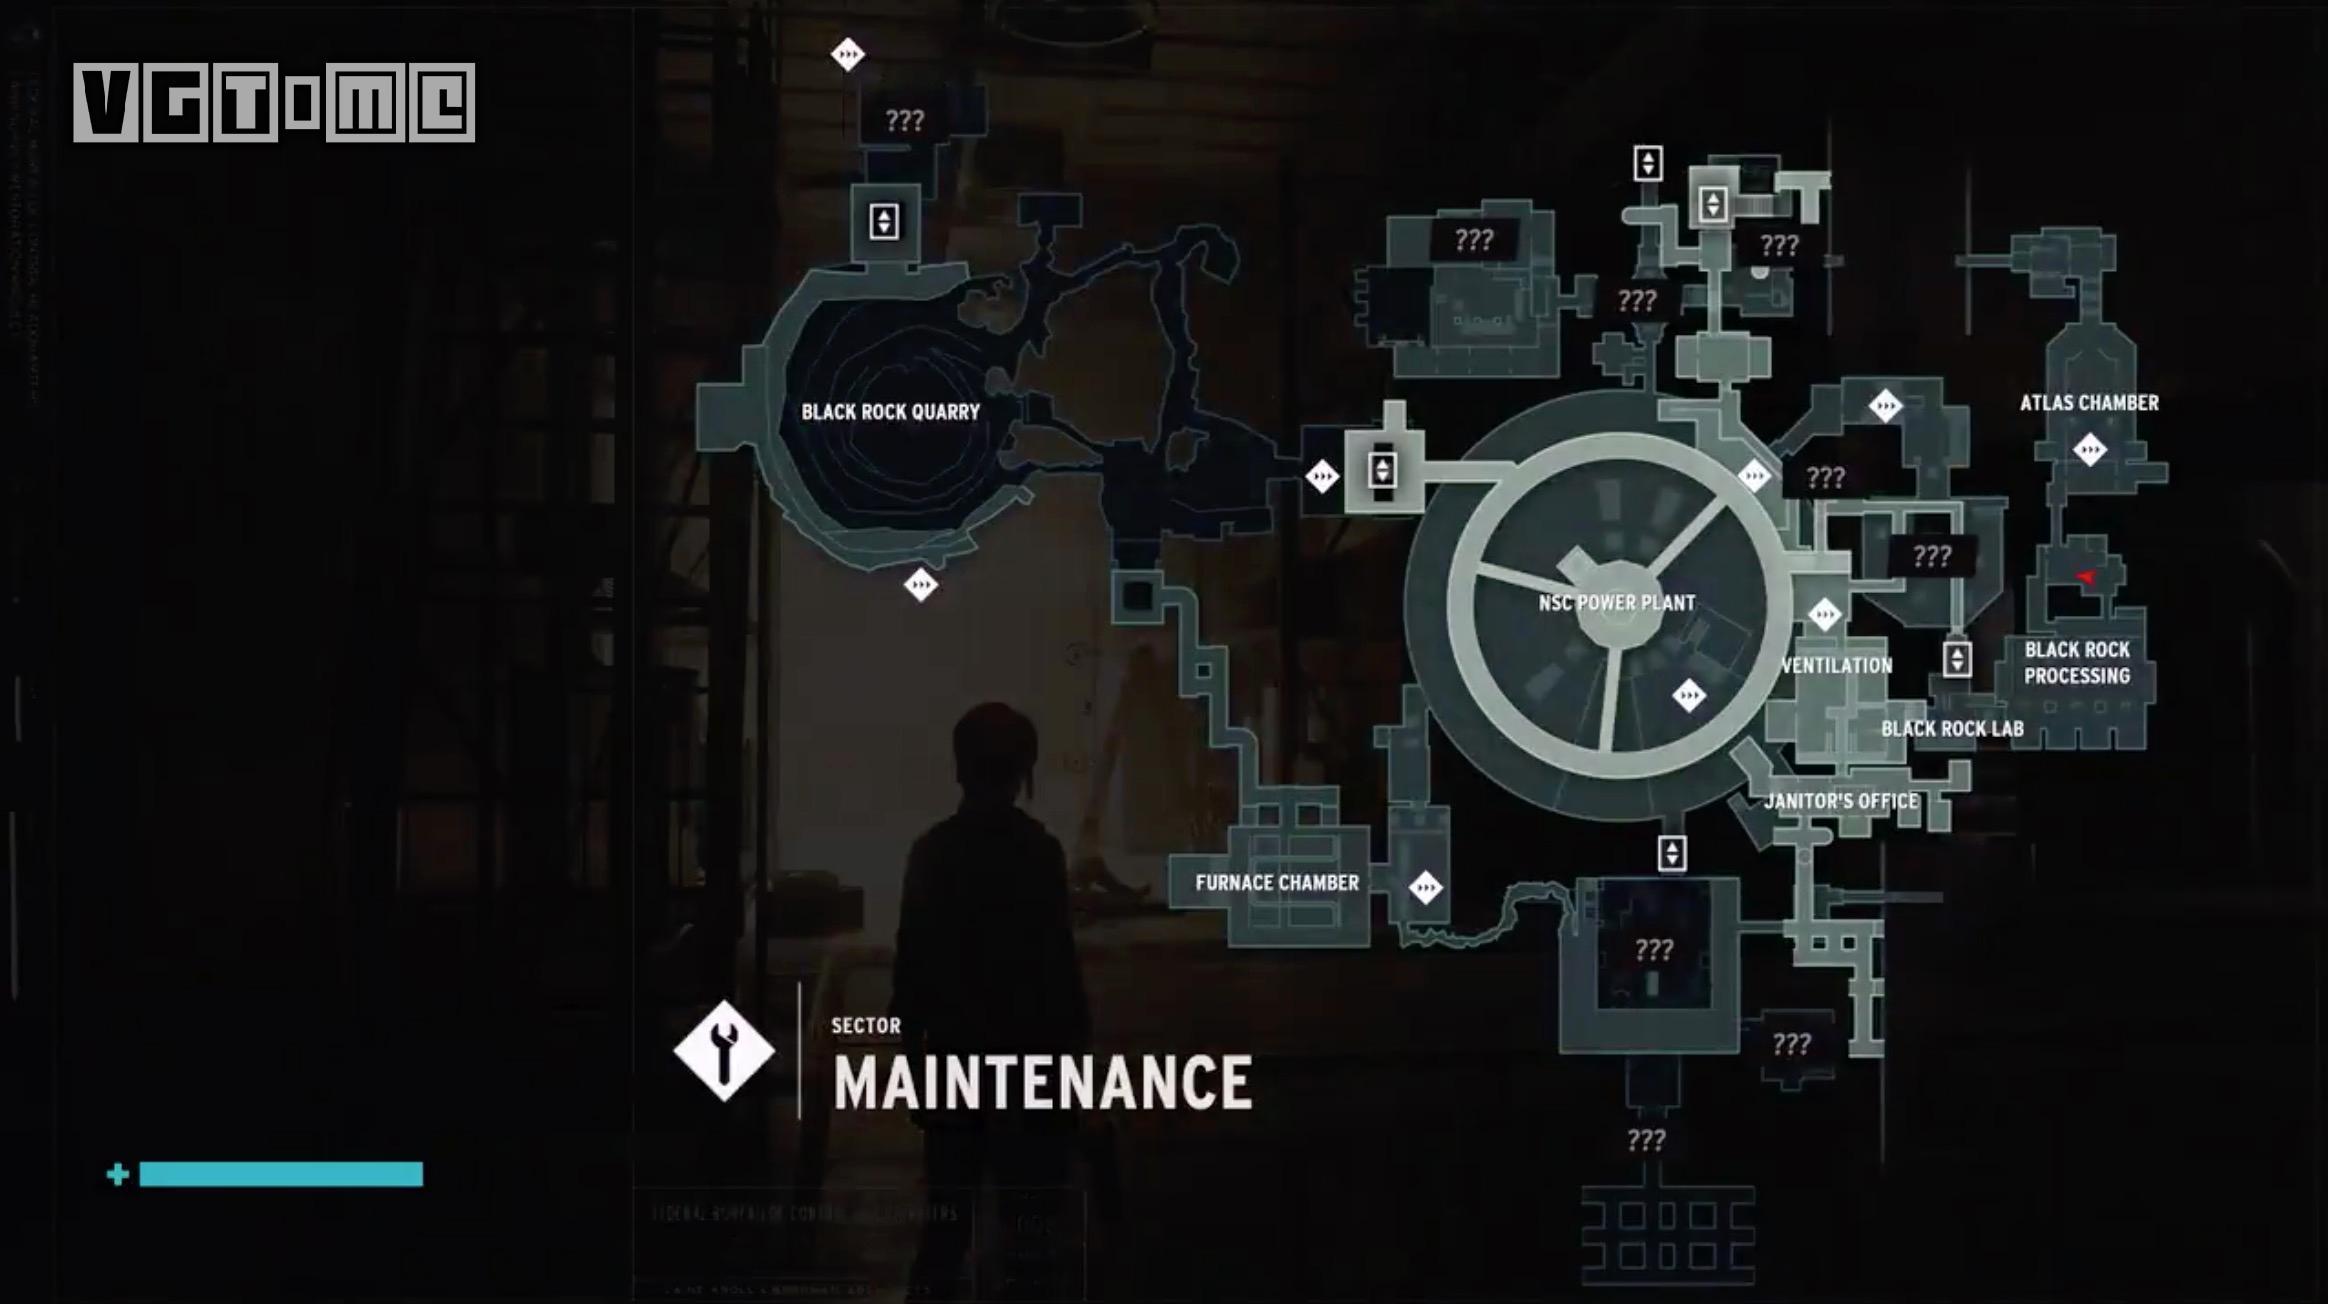 《控制》免费更新:增加新能力、优化地图可读性 预计3月26日推出